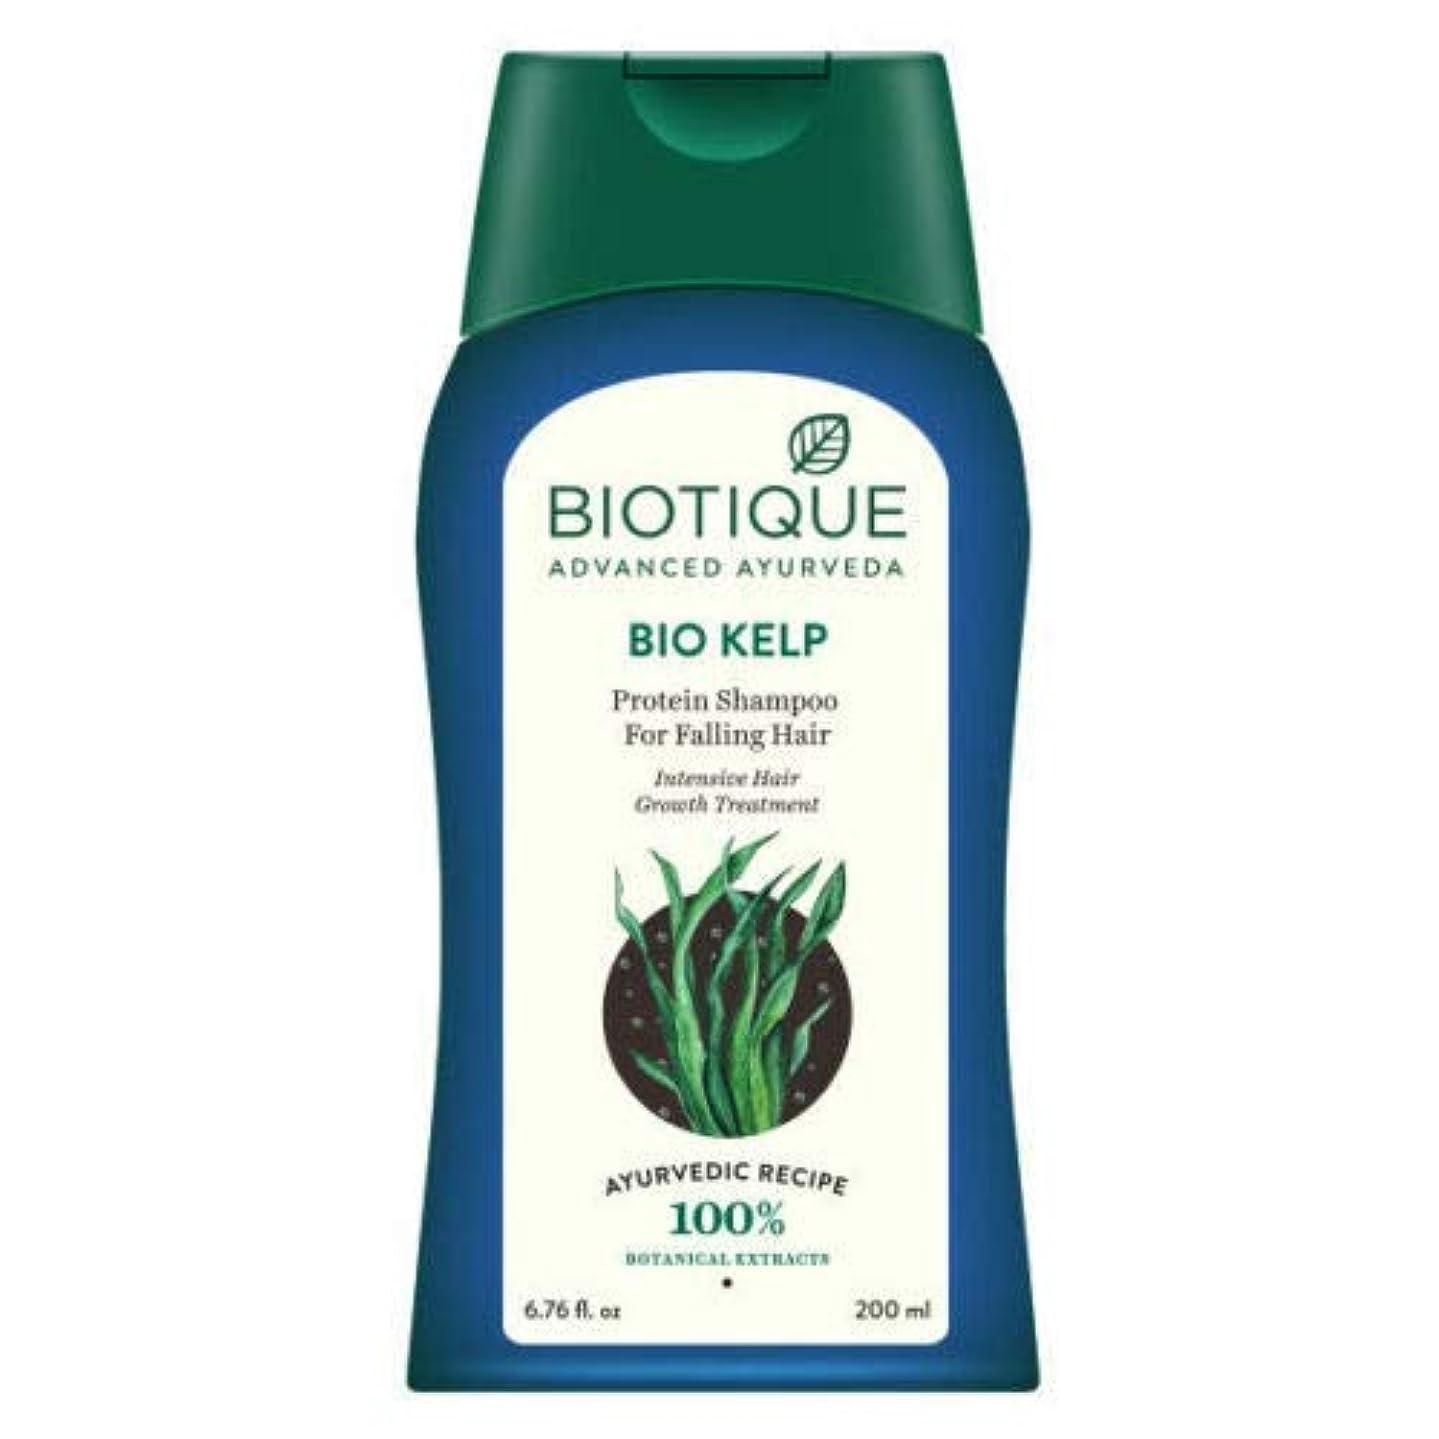 通信するトライアスロン中断Biotique Bio Kelp Protein Shampoo For Falling Hair (200 ml) 100% Natural Recipe 落下の毛100%の自然な調理法のためのBiotiqueのバイオケルプ...